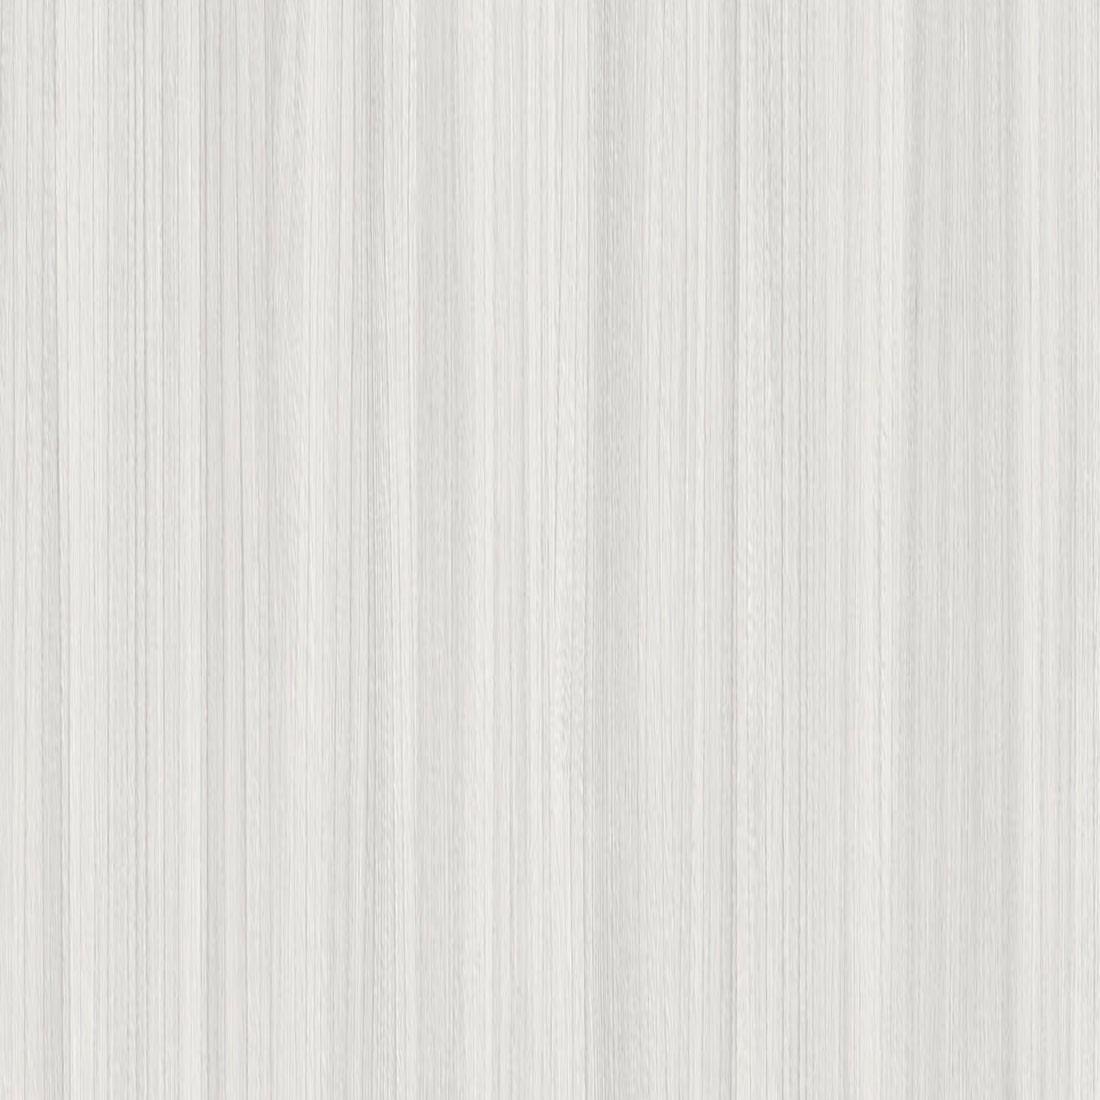 Papel De Parede Madeira Cinza Claroadesivo Contact R$ 49 98 em  #6F695D 1100x1100